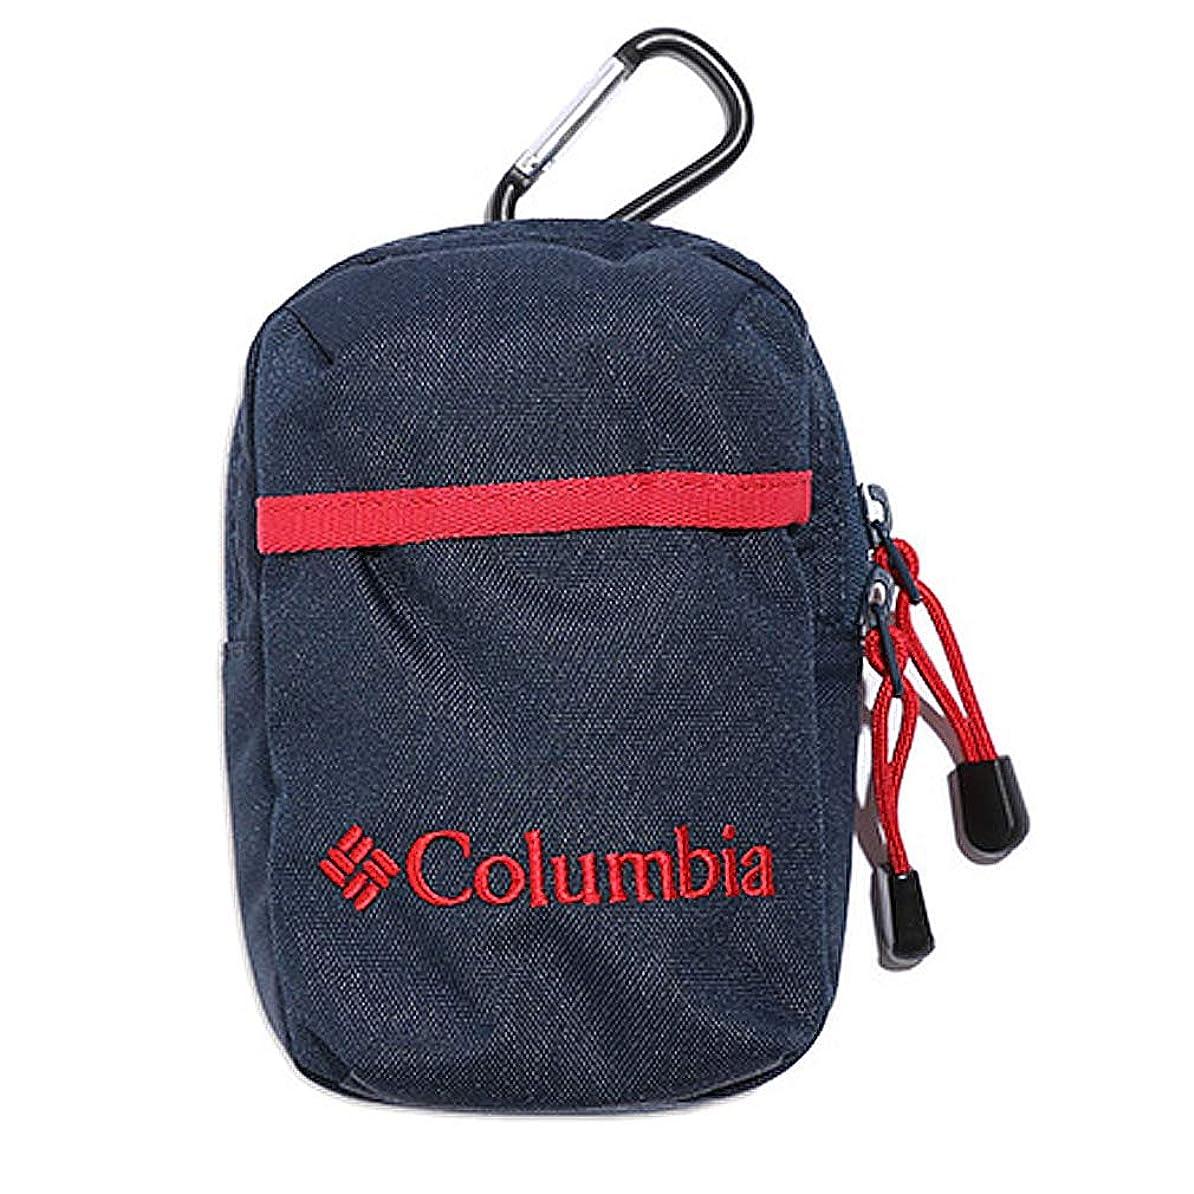 干ばつ事実上夜明けにColumbia コロンビア プライスストリームポーチ コロンビアネイビー